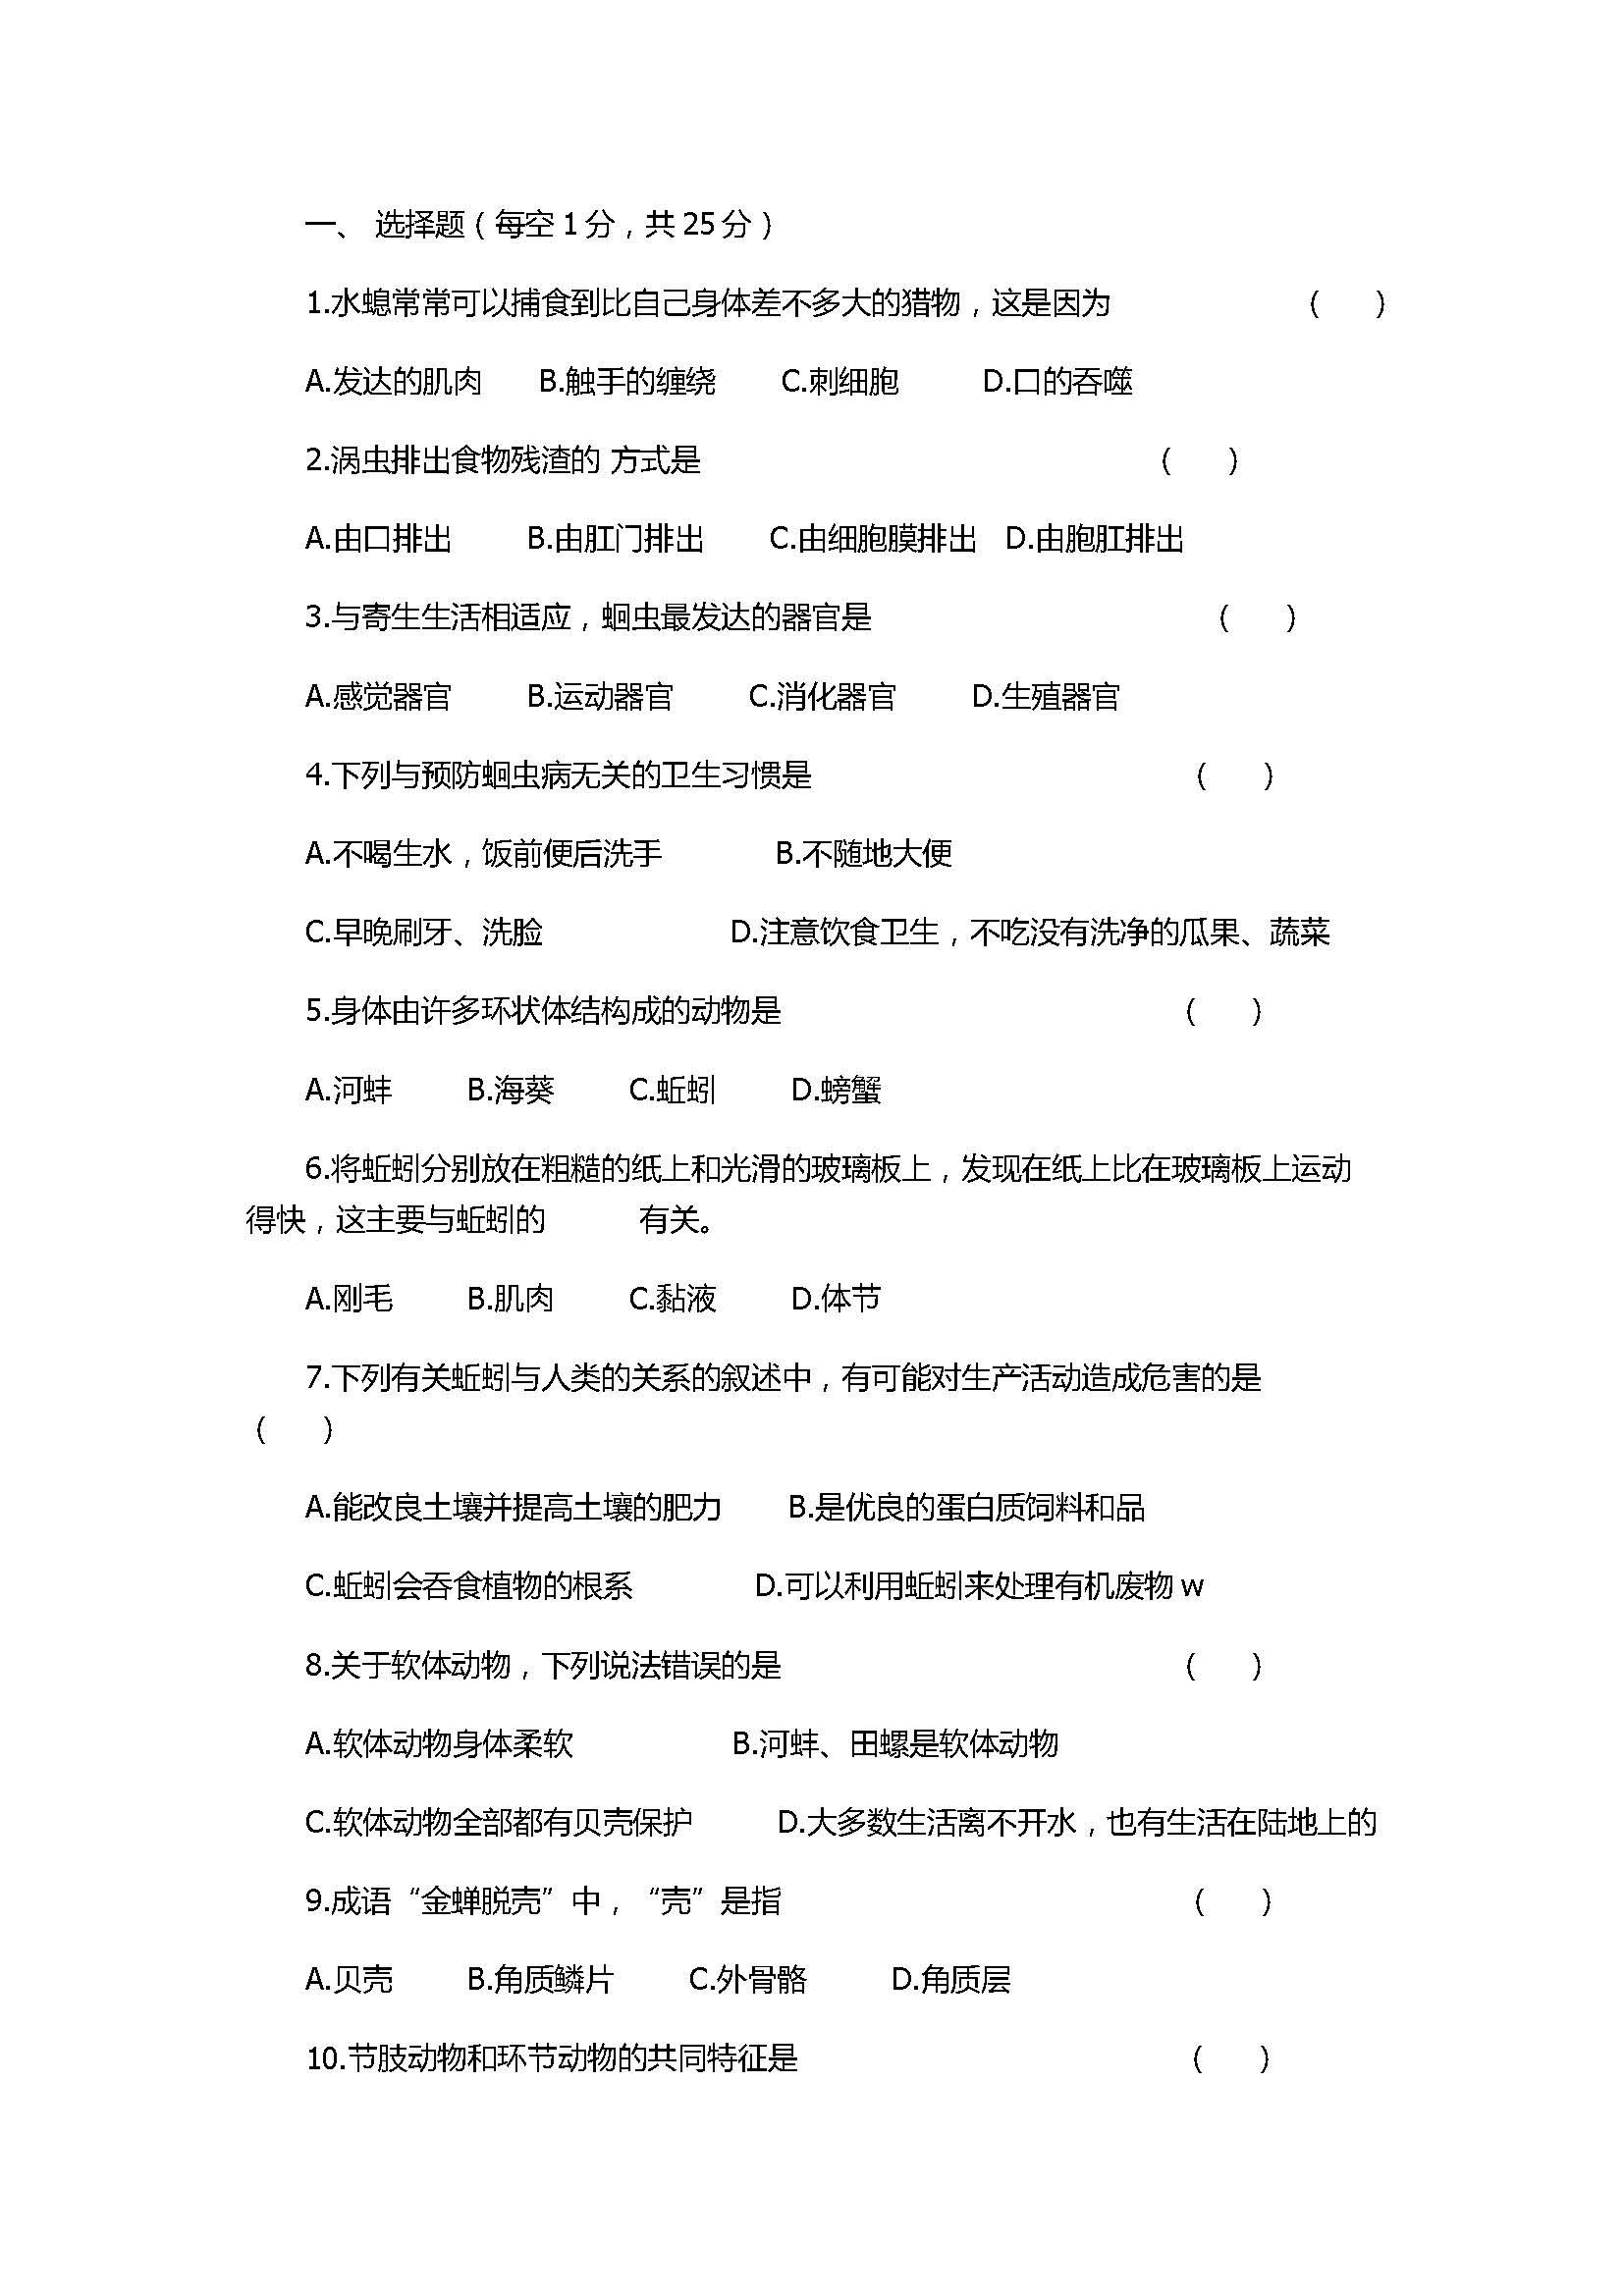 农安县2017八年级生物上册文化素质监测试题(带参考答案)